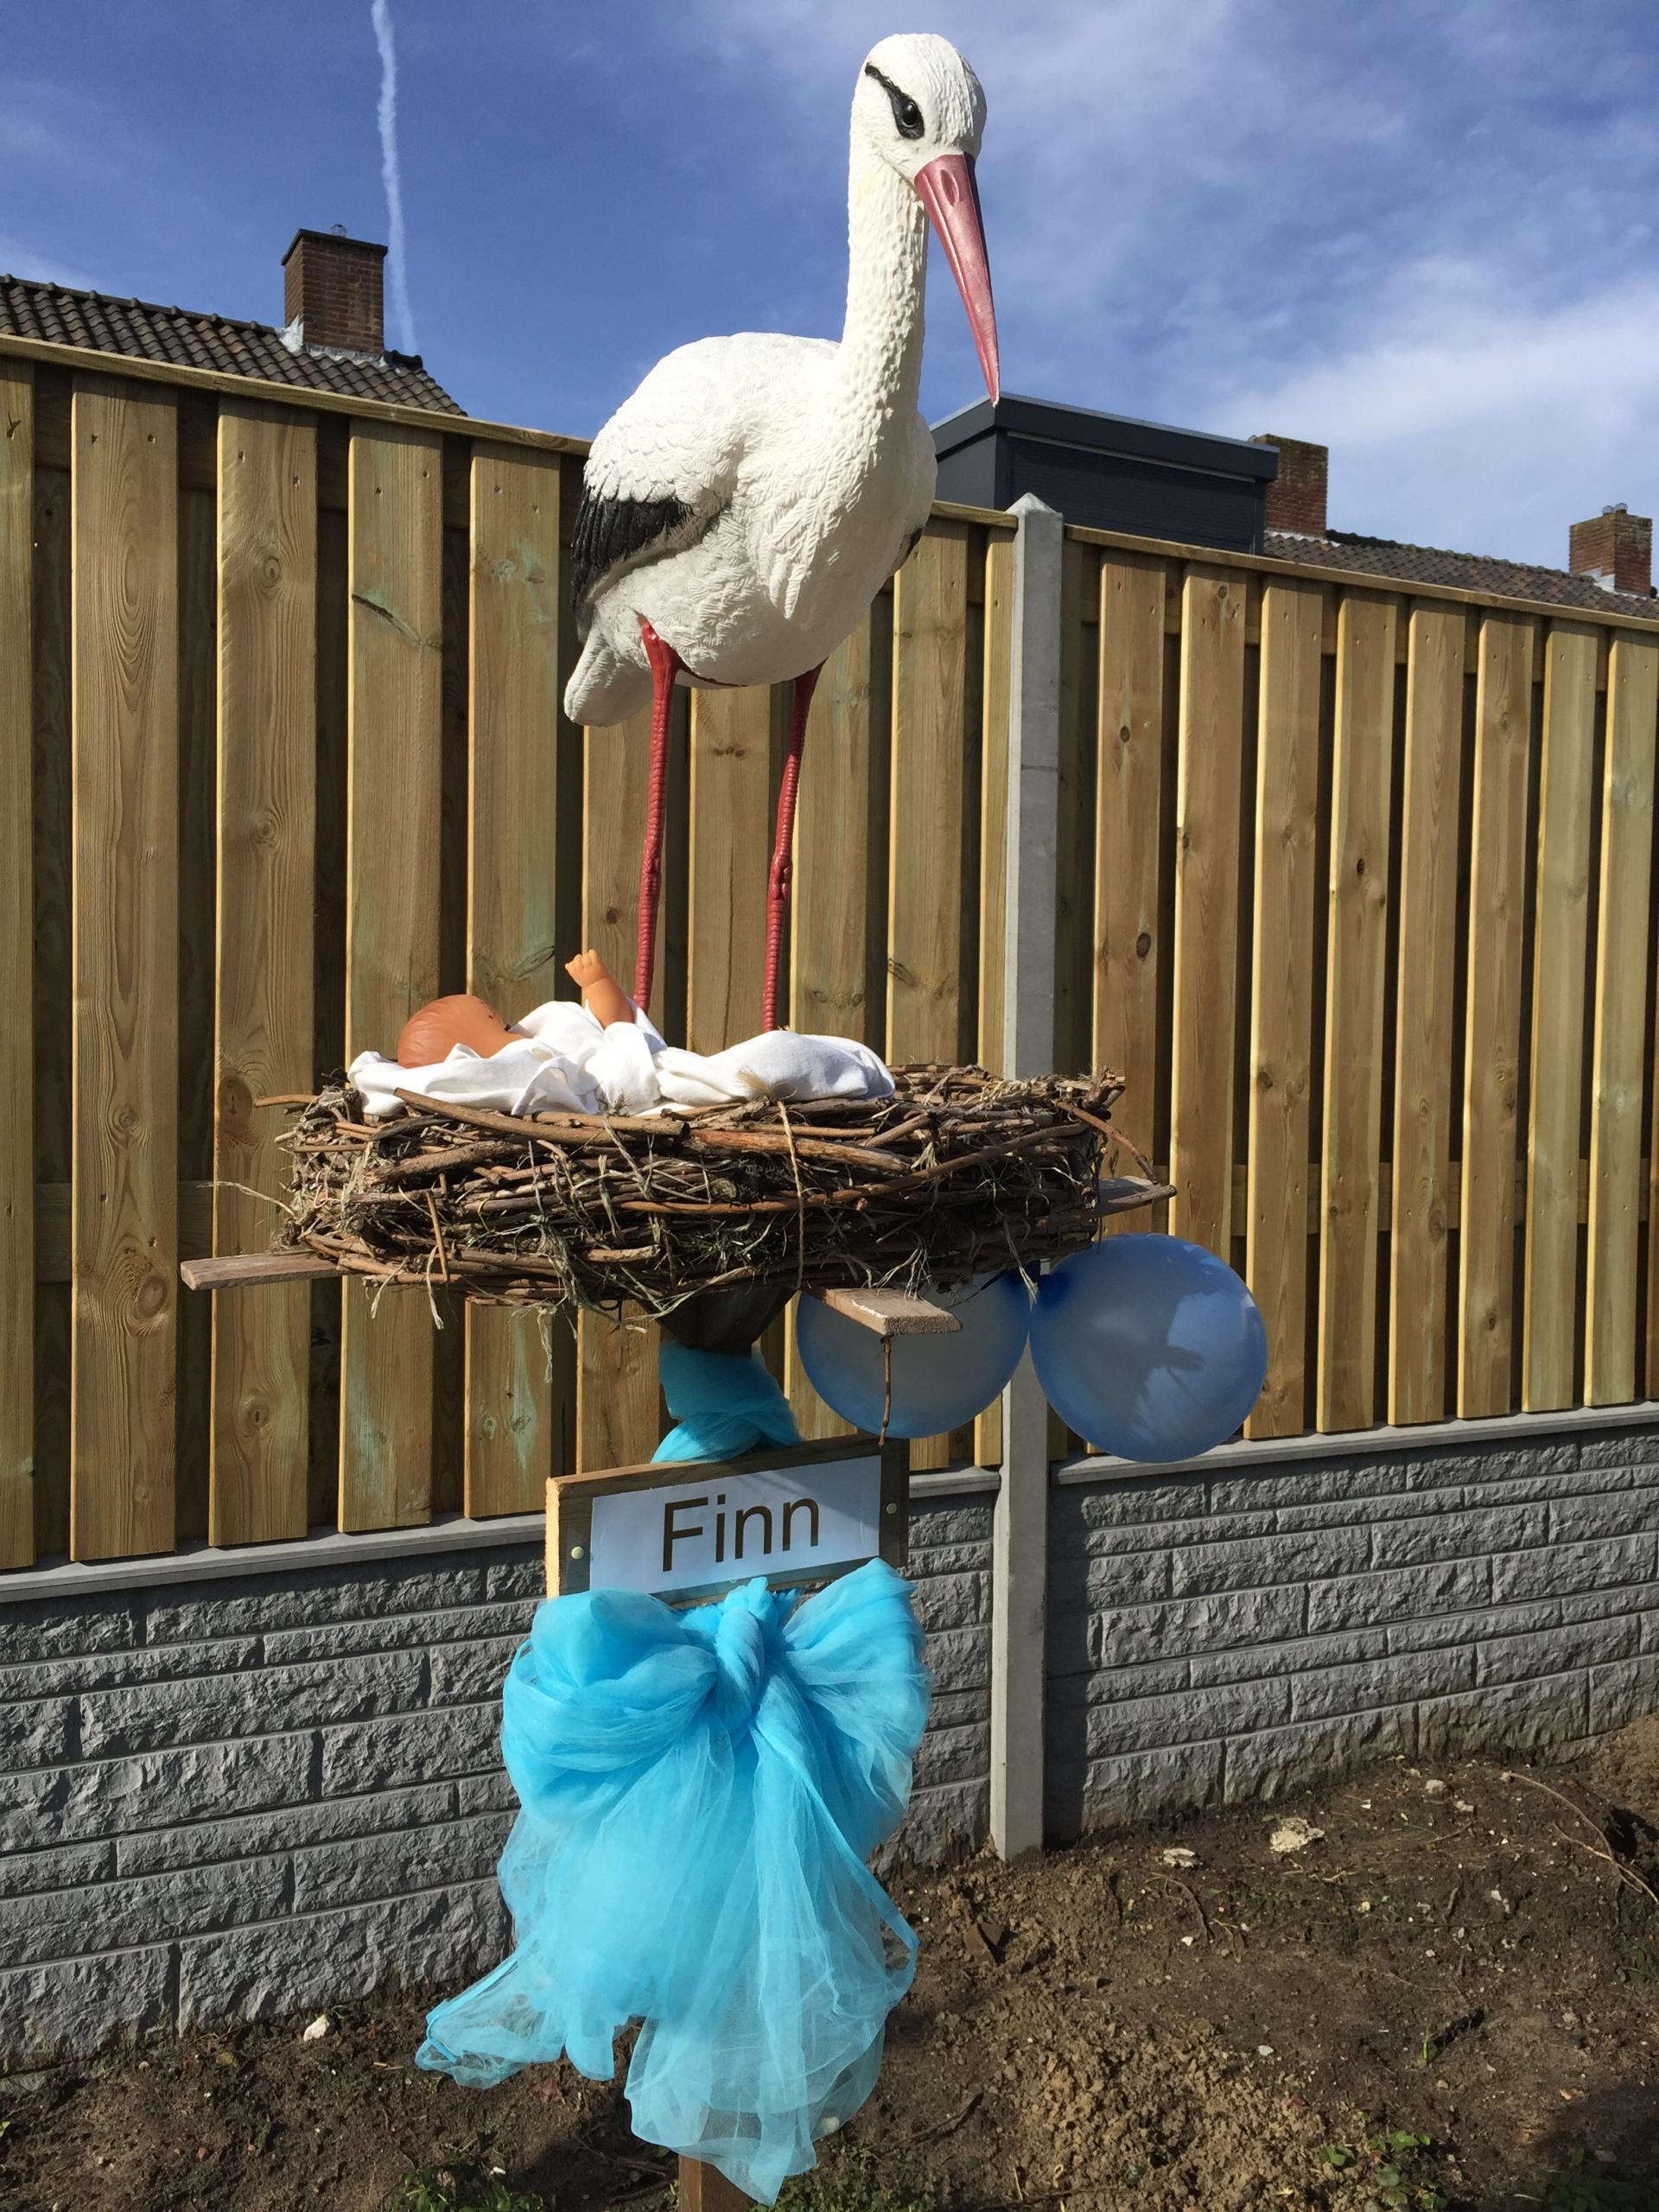 # 18 1 B Ooievaar op nest, liggende babym tule strik, 2 ballonnen